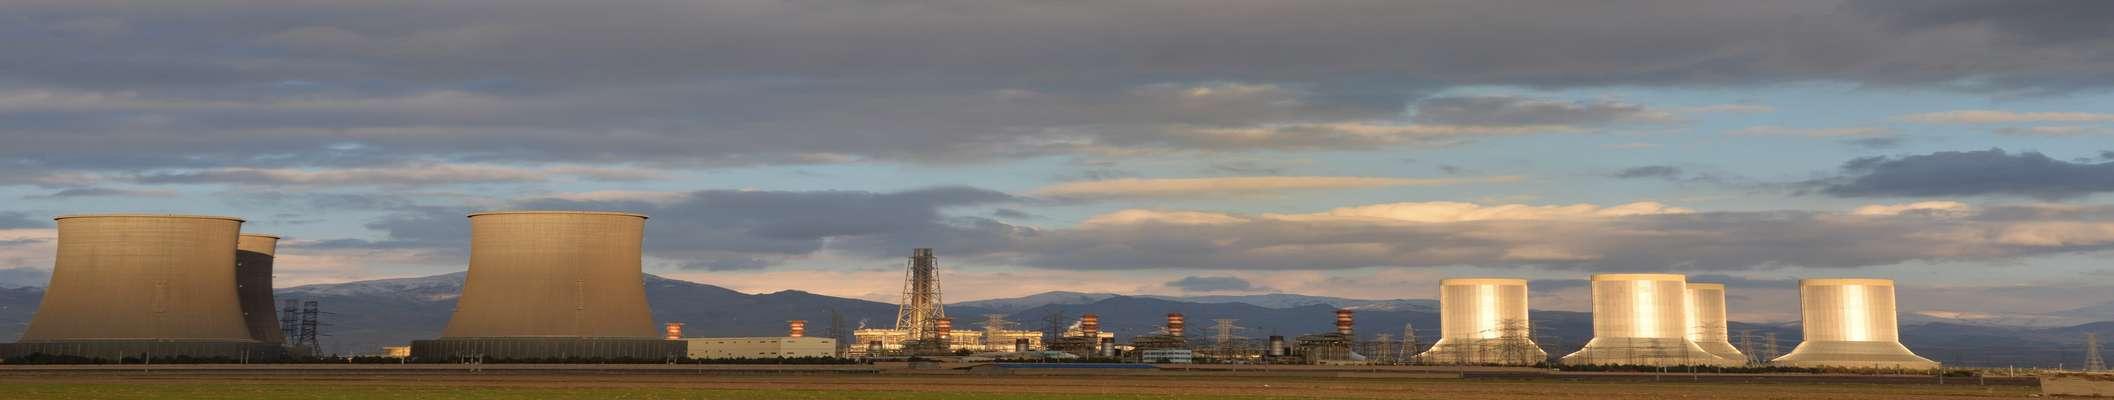 تعمیرات اساسی و RI واحد شماره یک گازی نیروگاه شهید رجایی آغاز شد